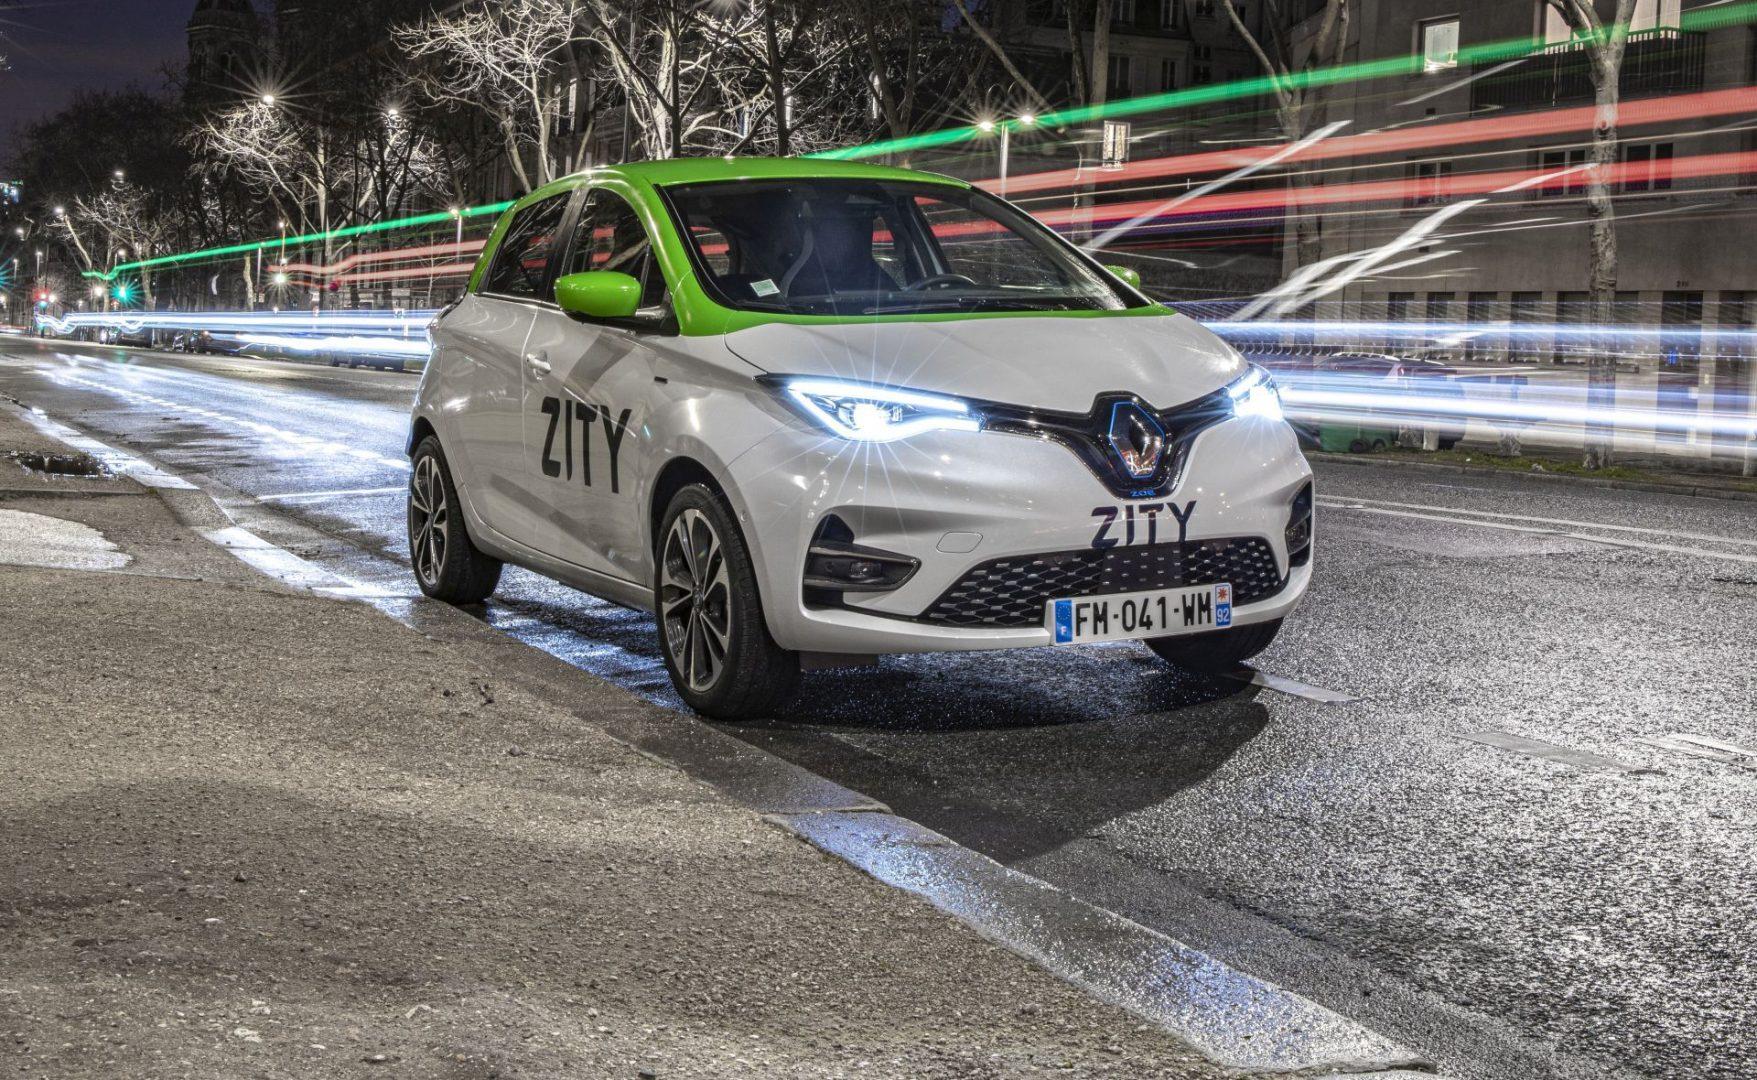 500 modela Renaulta ZOE spremno je za dijeljenje putem usluge ZITY